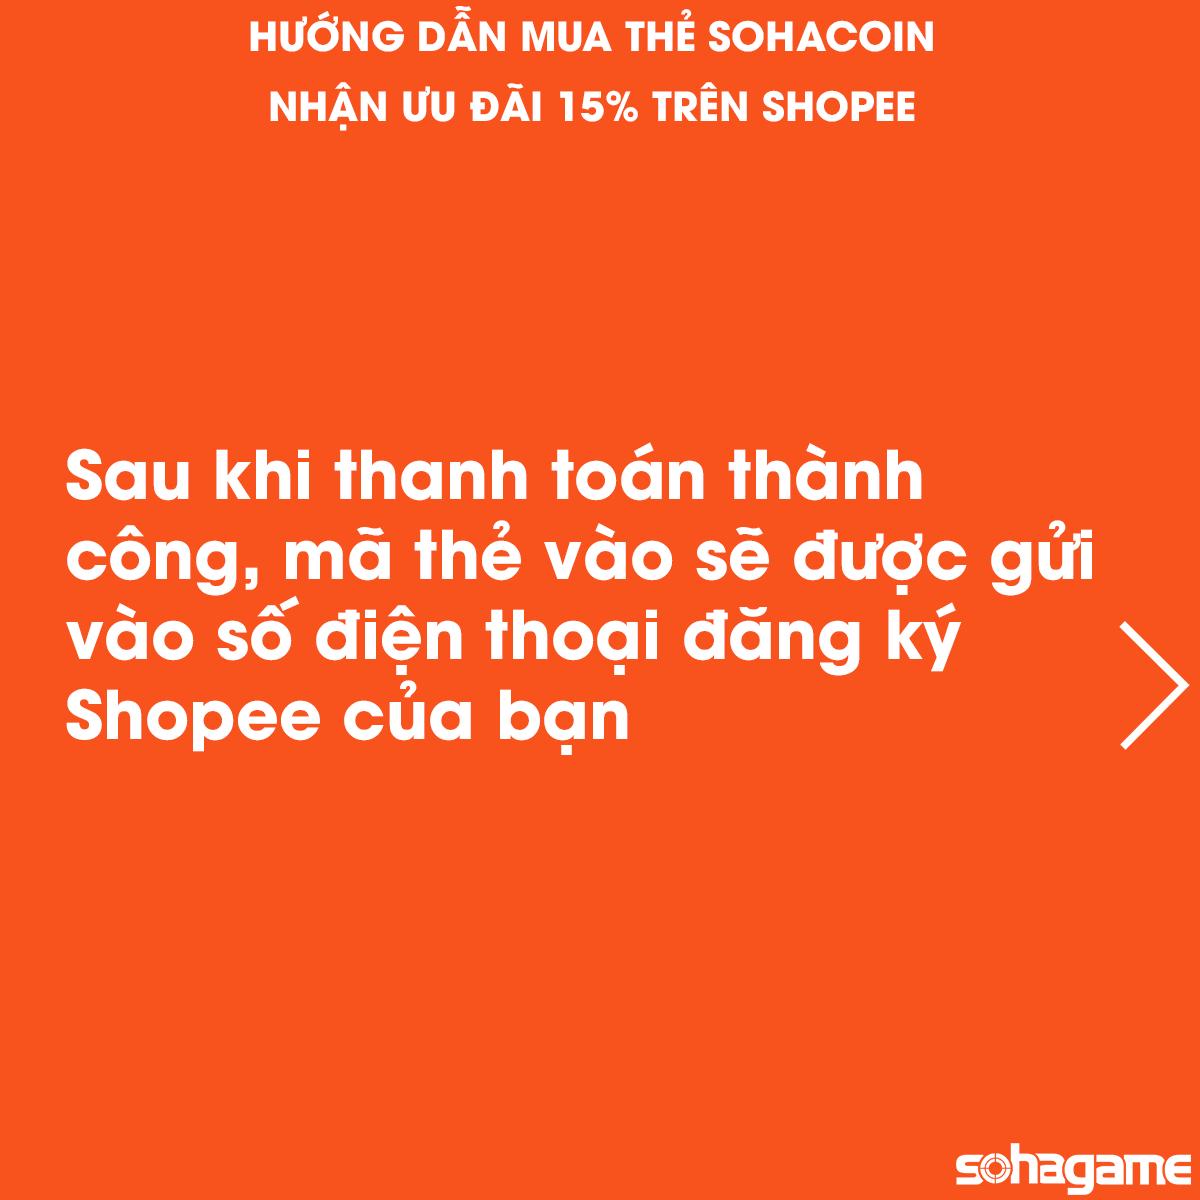 GIẢM 15% KHI MUA THẺ SOHACOIN TRÊN SHOPEE - 9